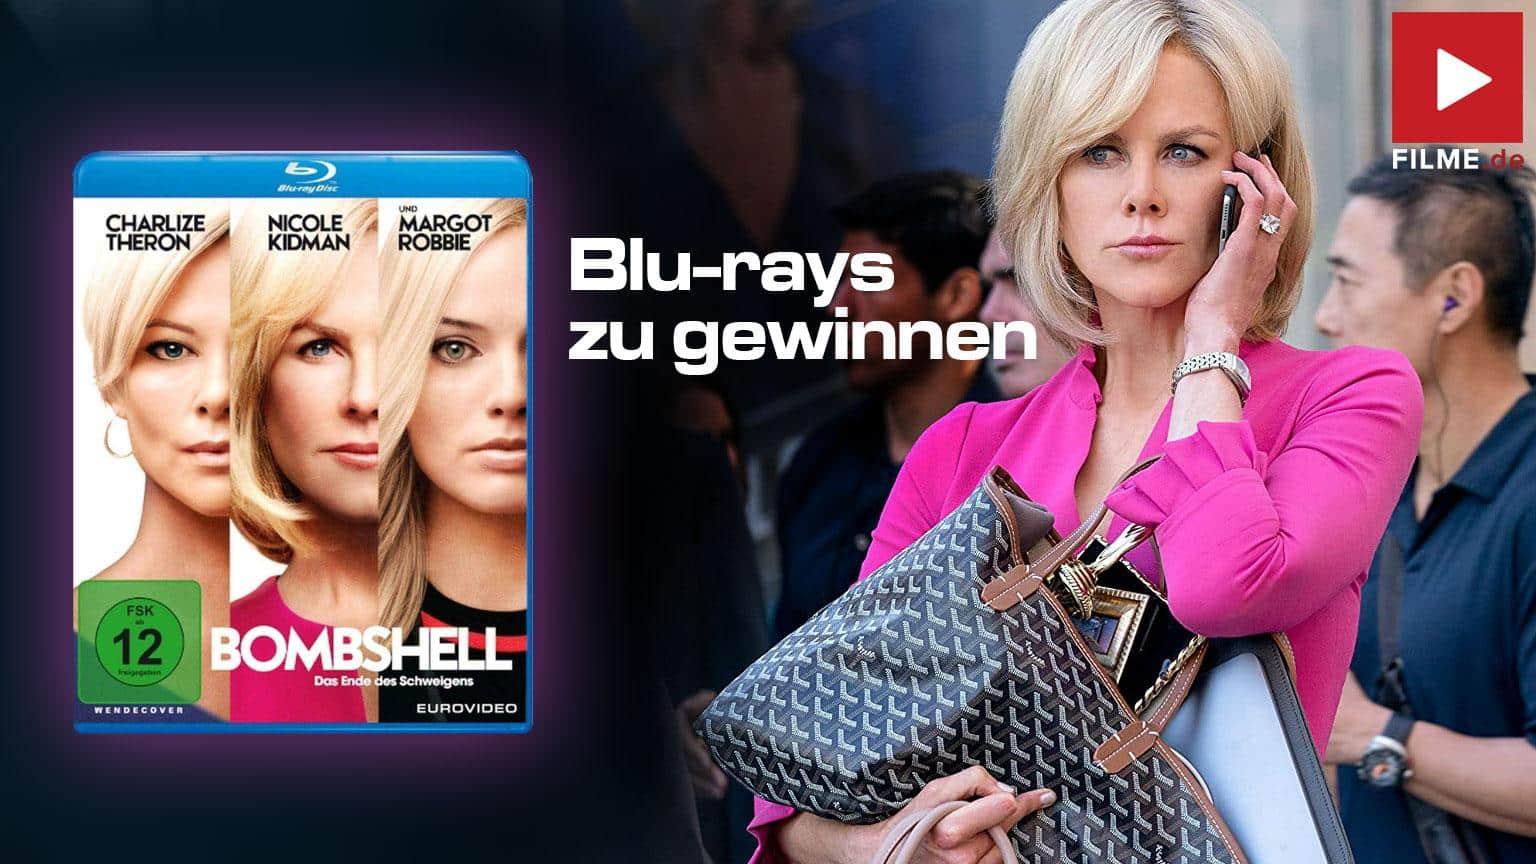 Bombshell - Das Ende des Schweigens [Blu-ray] Gewinnspiel shop kaufen Review gewinnen Artikelbild